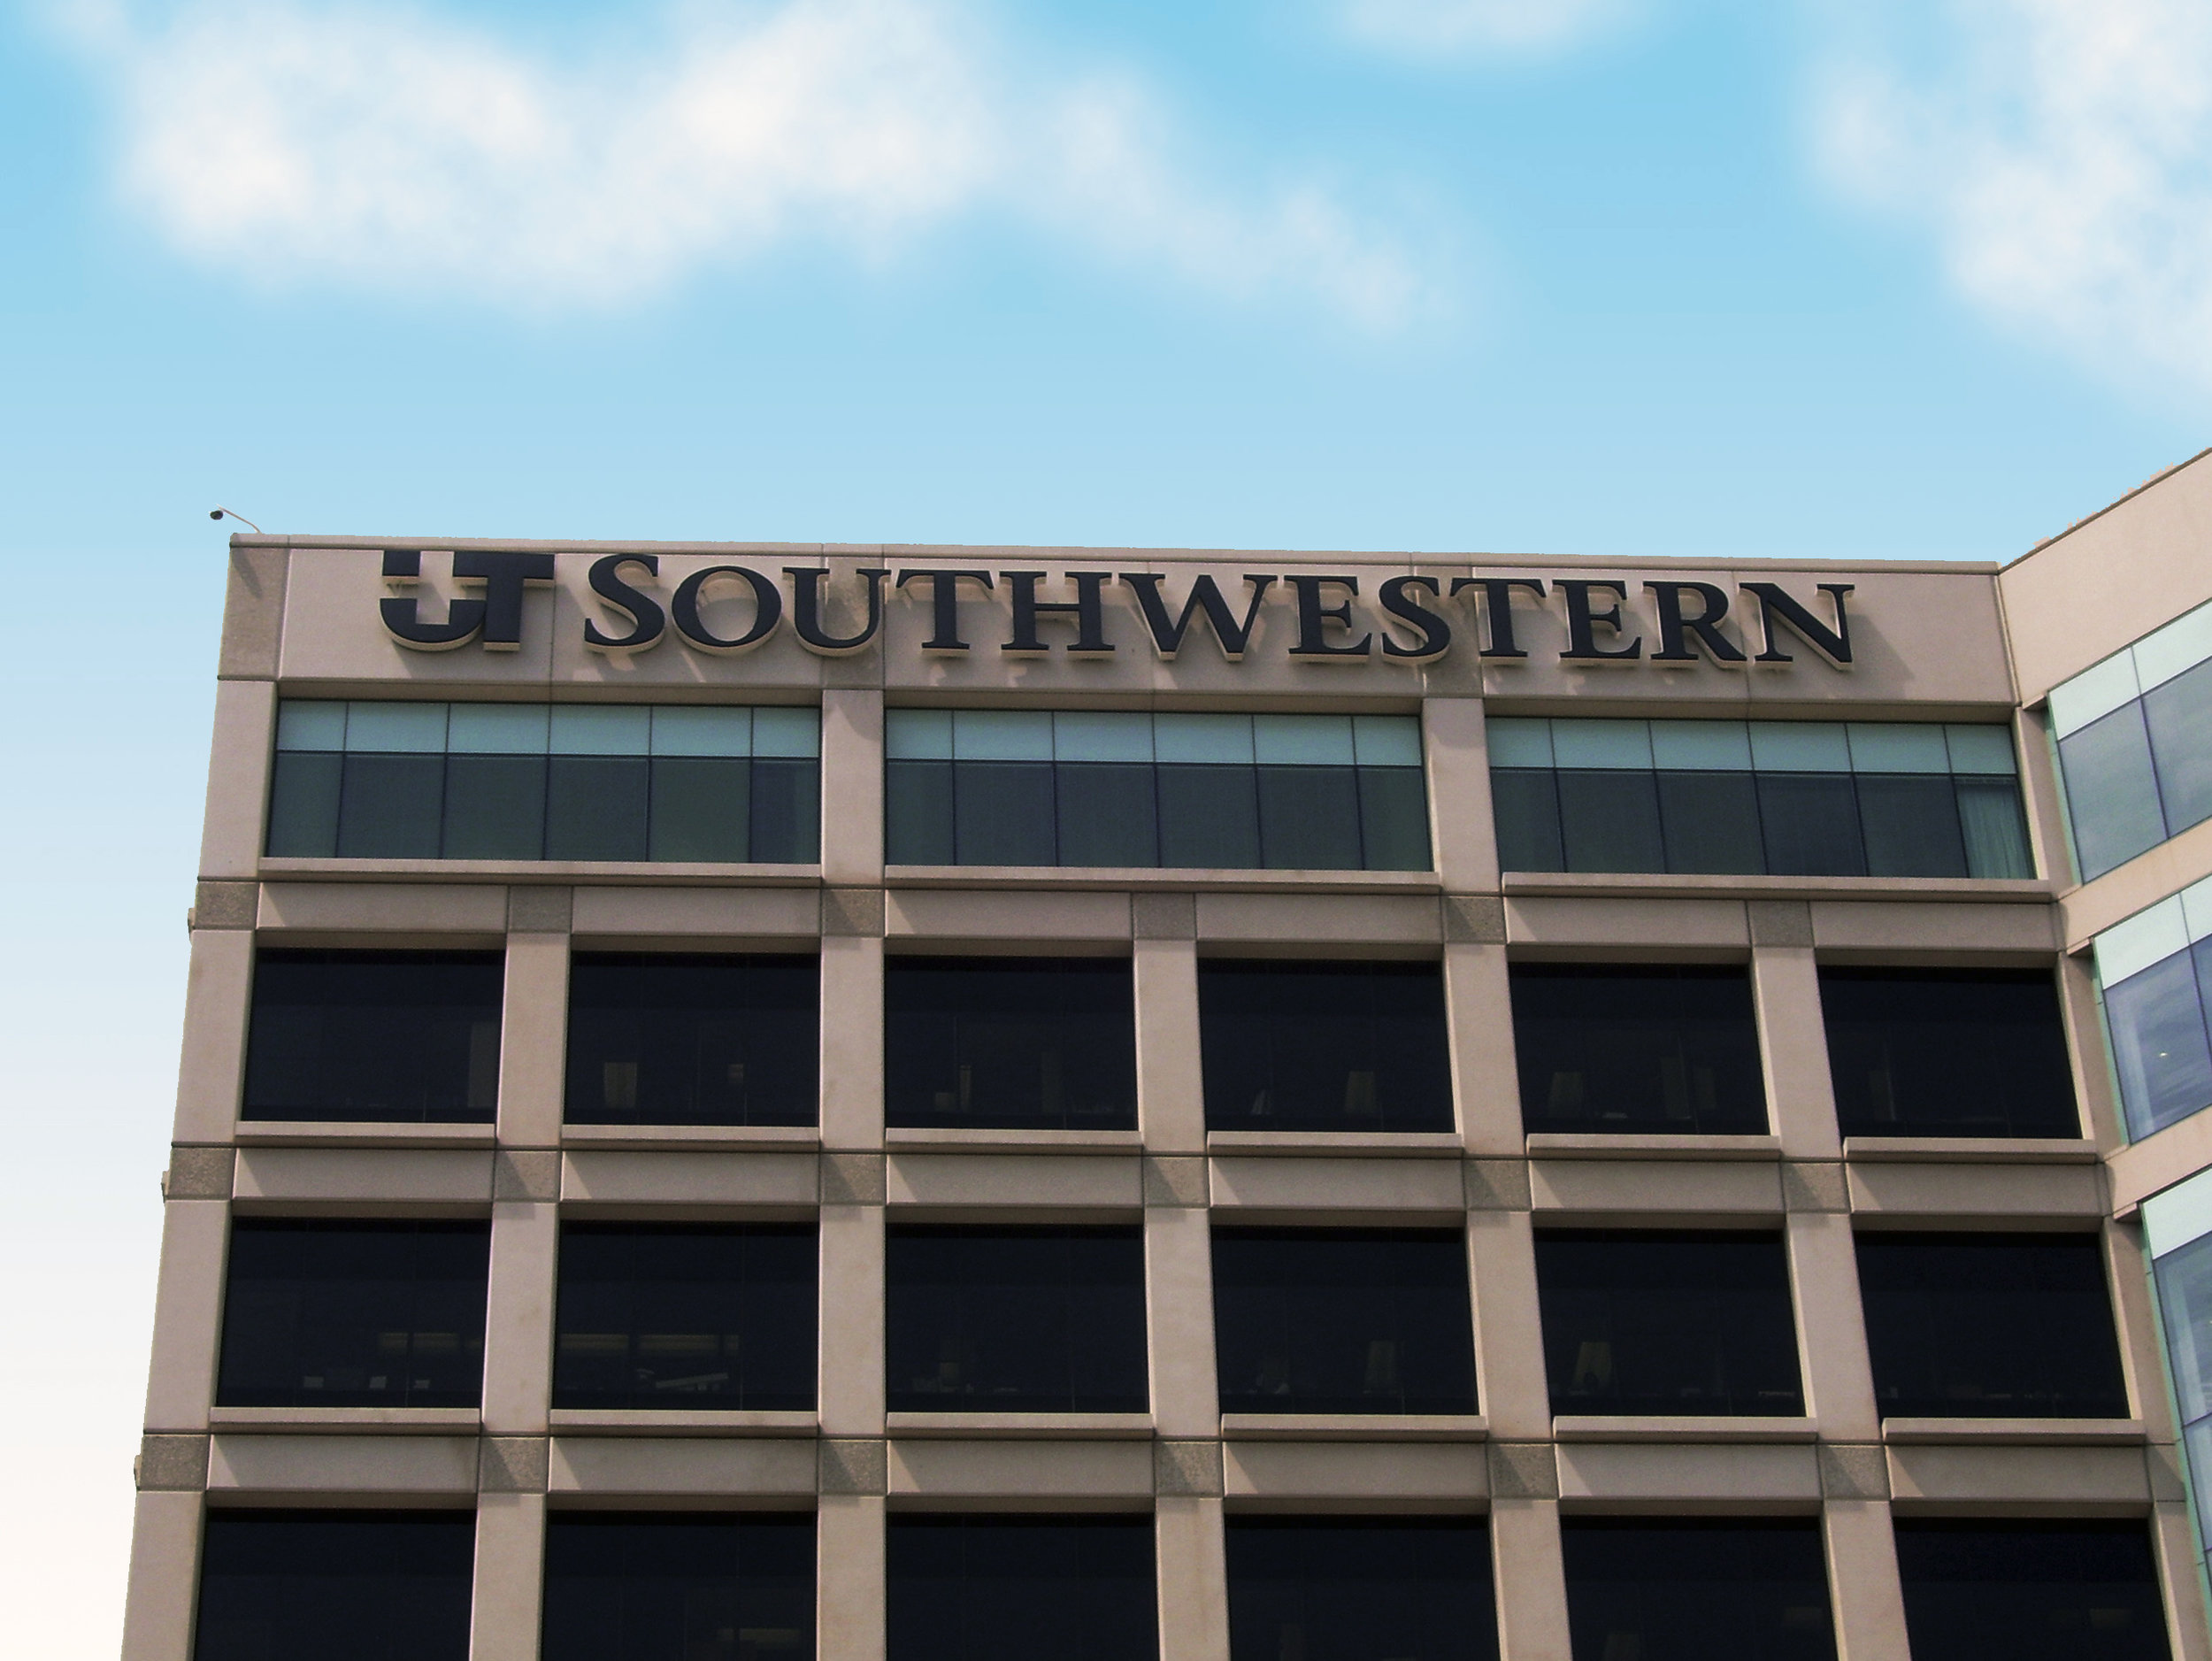 UT-Southwestern-1.jpg